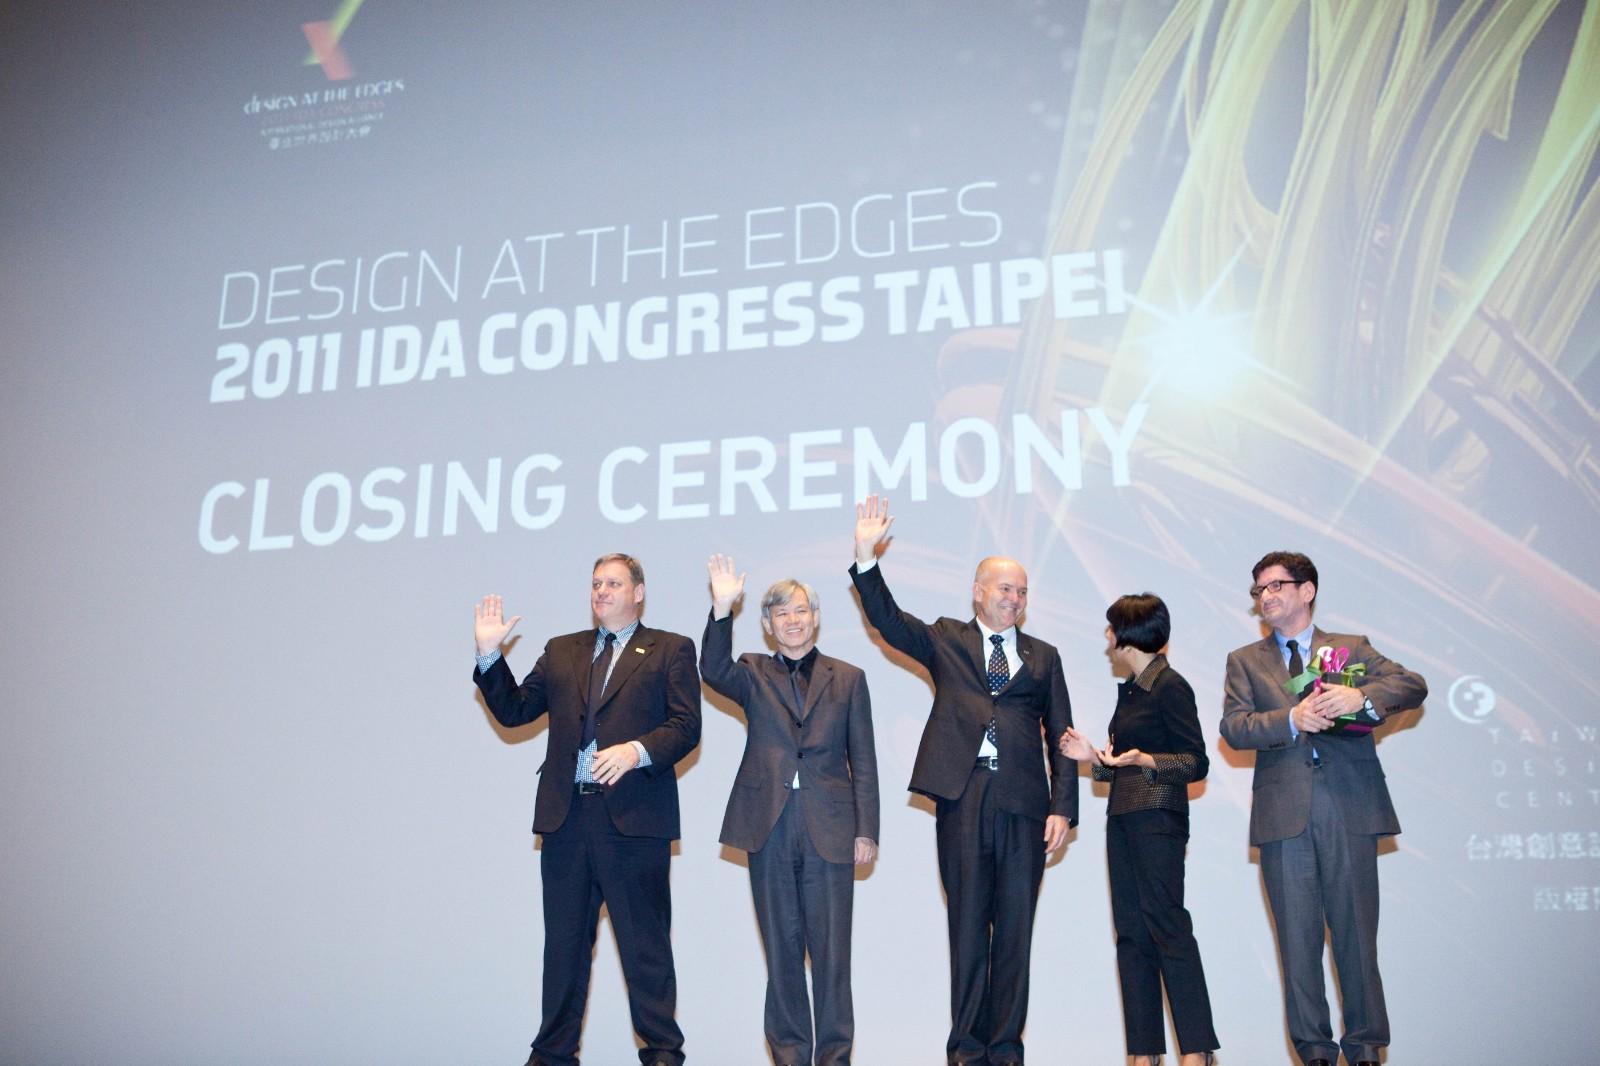 「如何讓台灣的設計讓世界看得到」是張光民學長(左二)心心念念的事情。2011世界設計大會被「國際設計聯盟」(IDA)譽為國際設計標竿典範。.jpg